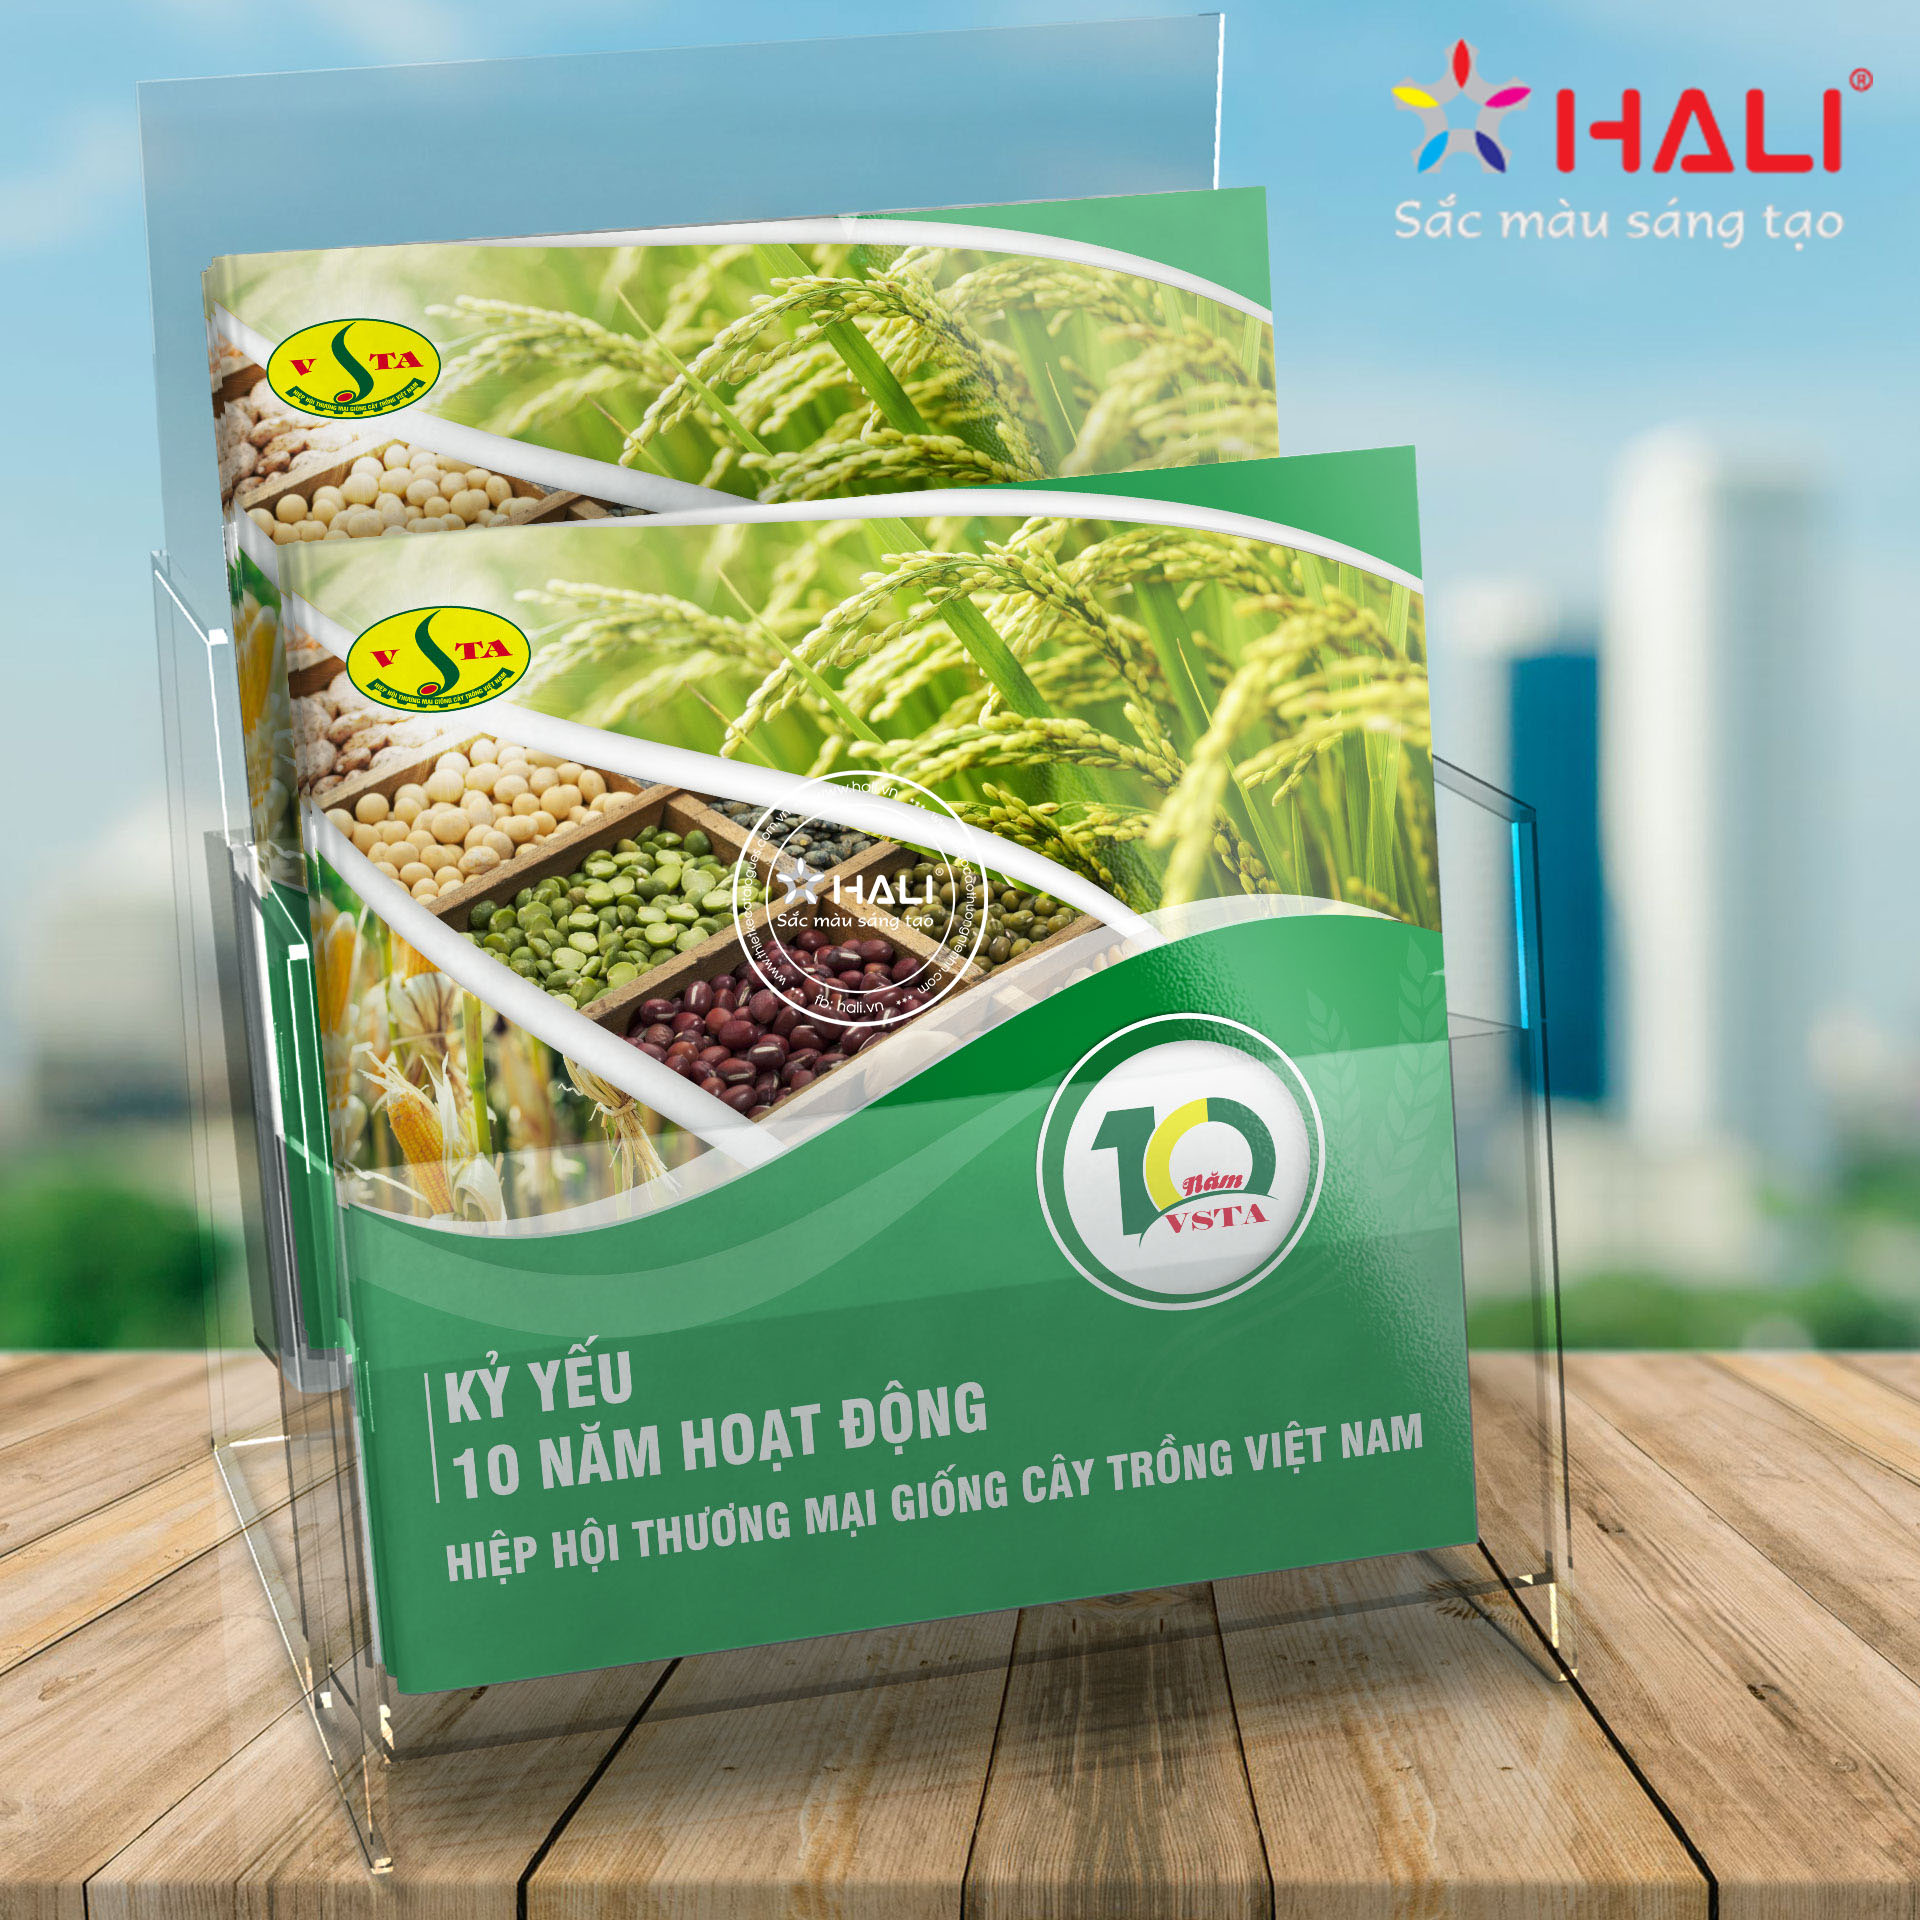 Kỷ yếu Hiệp hội Giống cây trồng Việt Nam